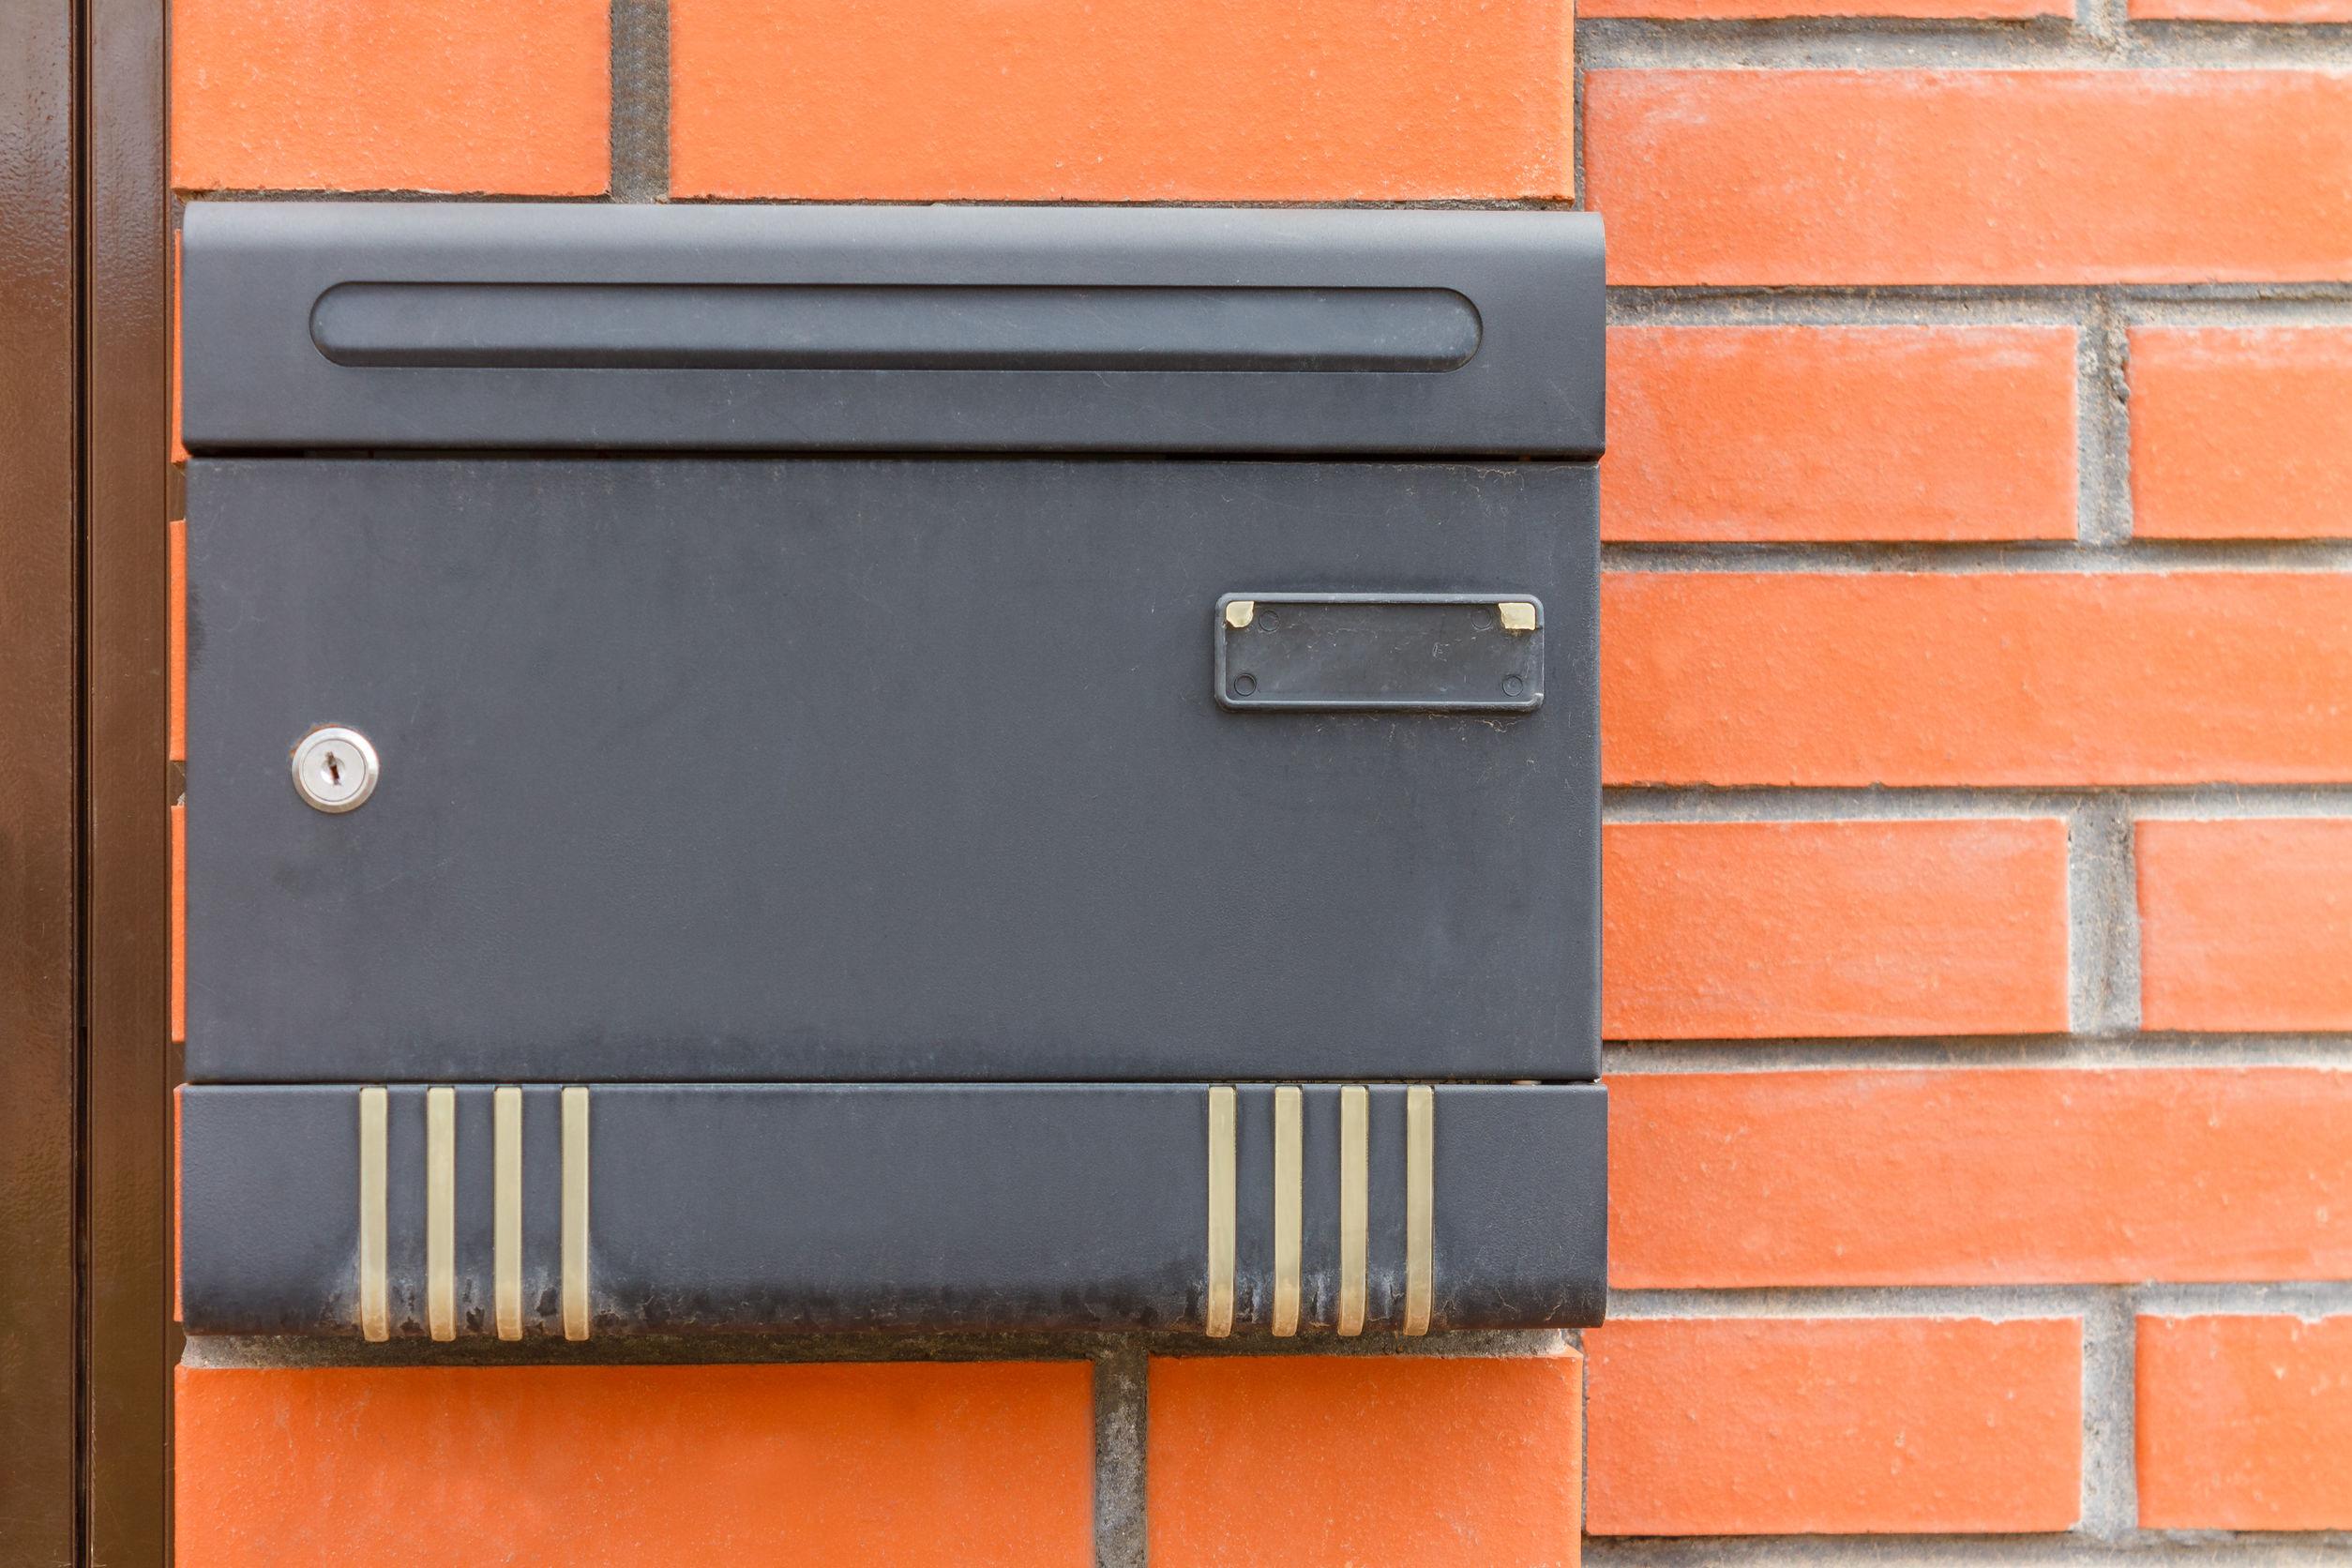 Paketbriefkasten